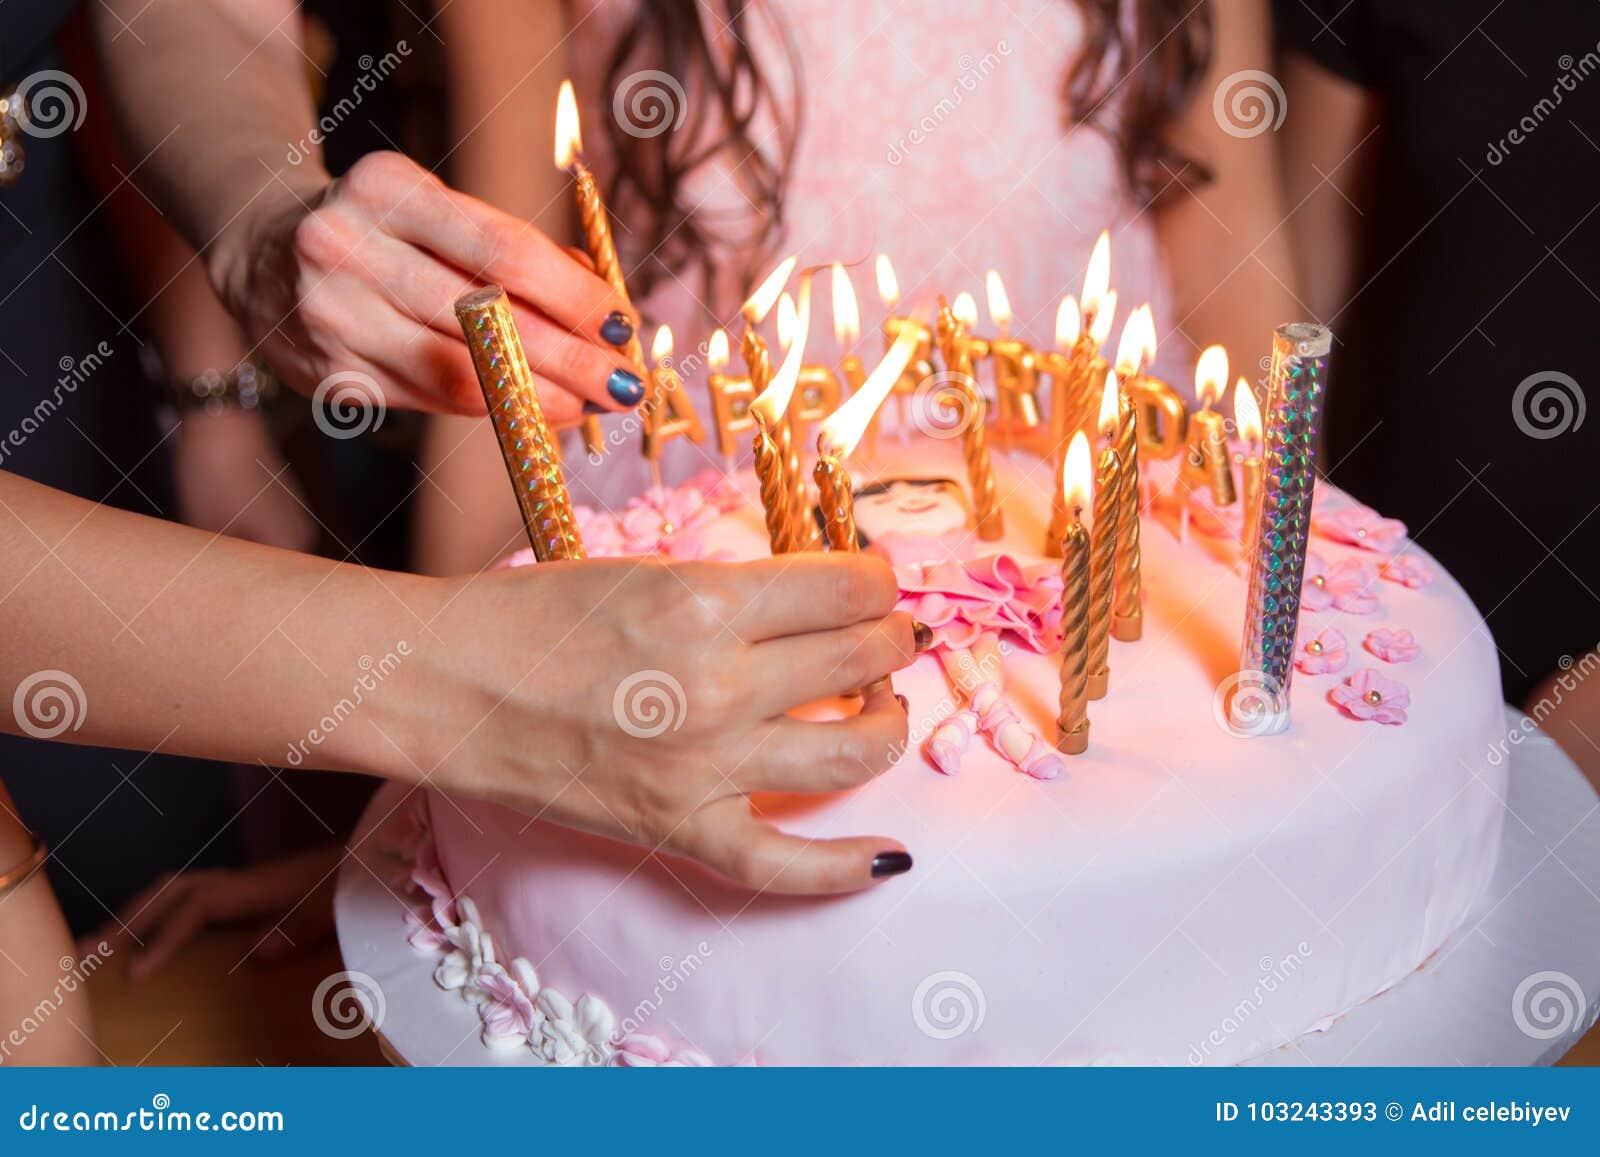 Усы и горит свеча на чизкейк — стоковое фото © nito103 #121066044.